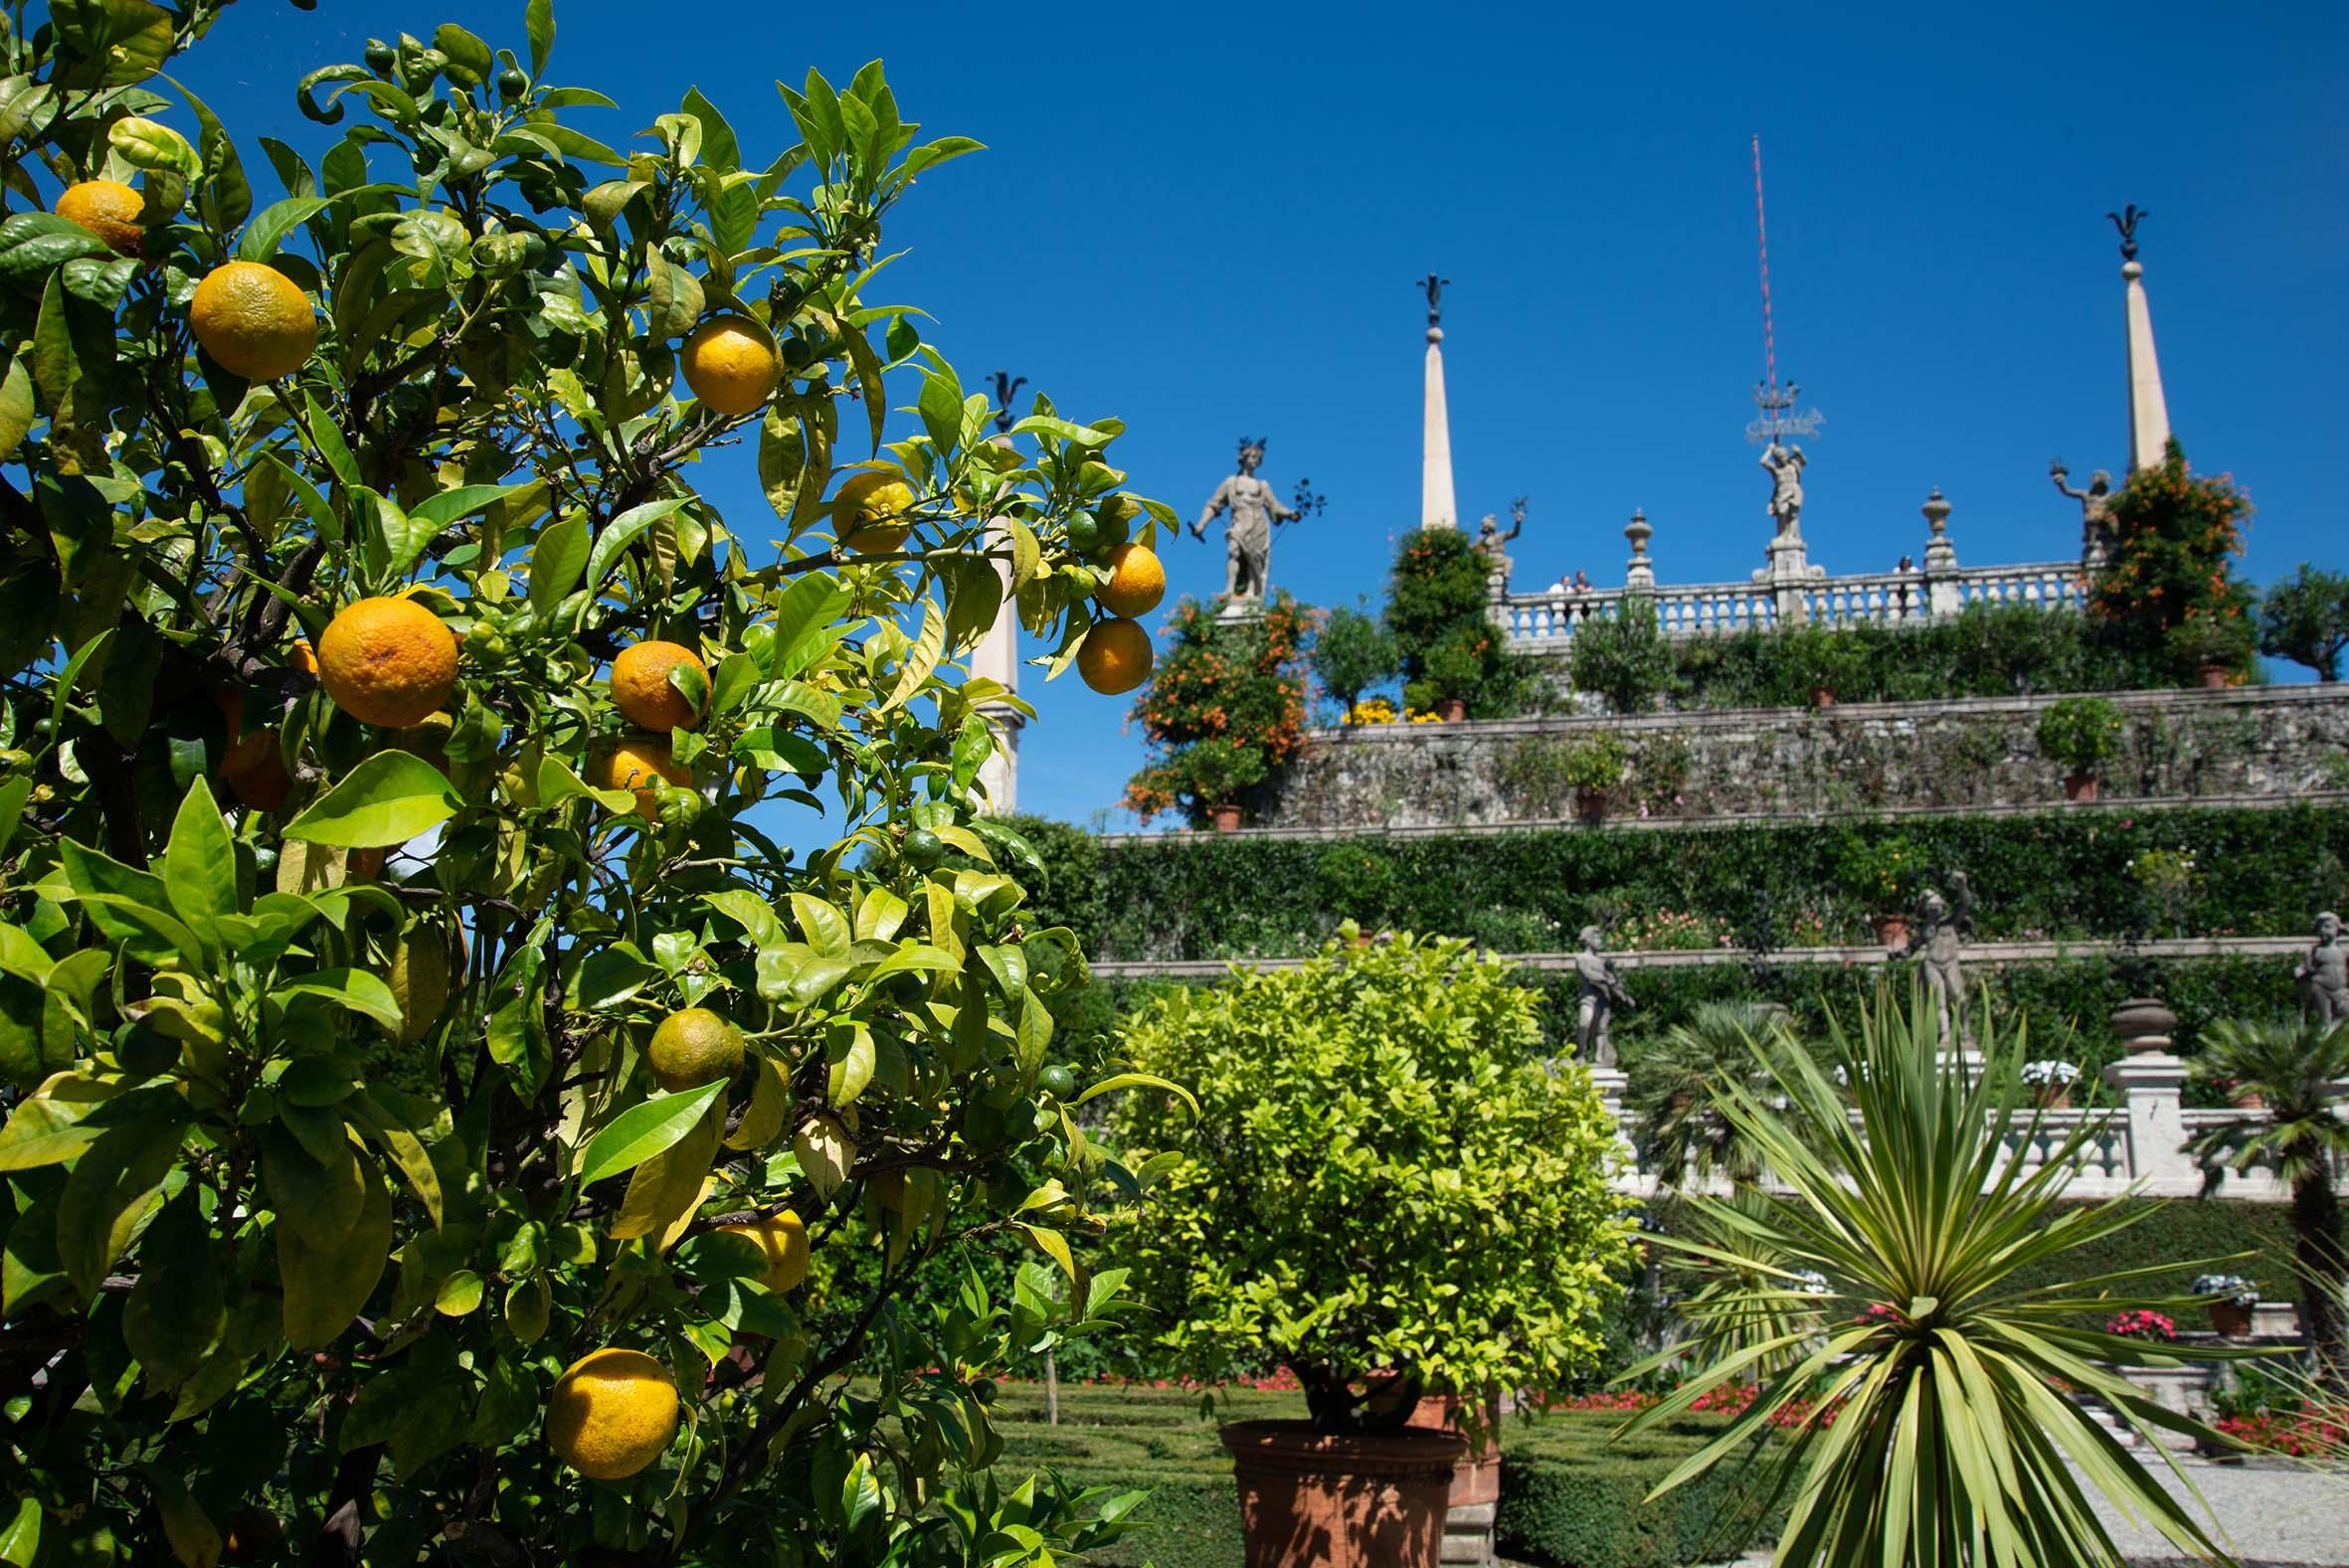 Gärten-Borromeo-Lago-Maggiore-002